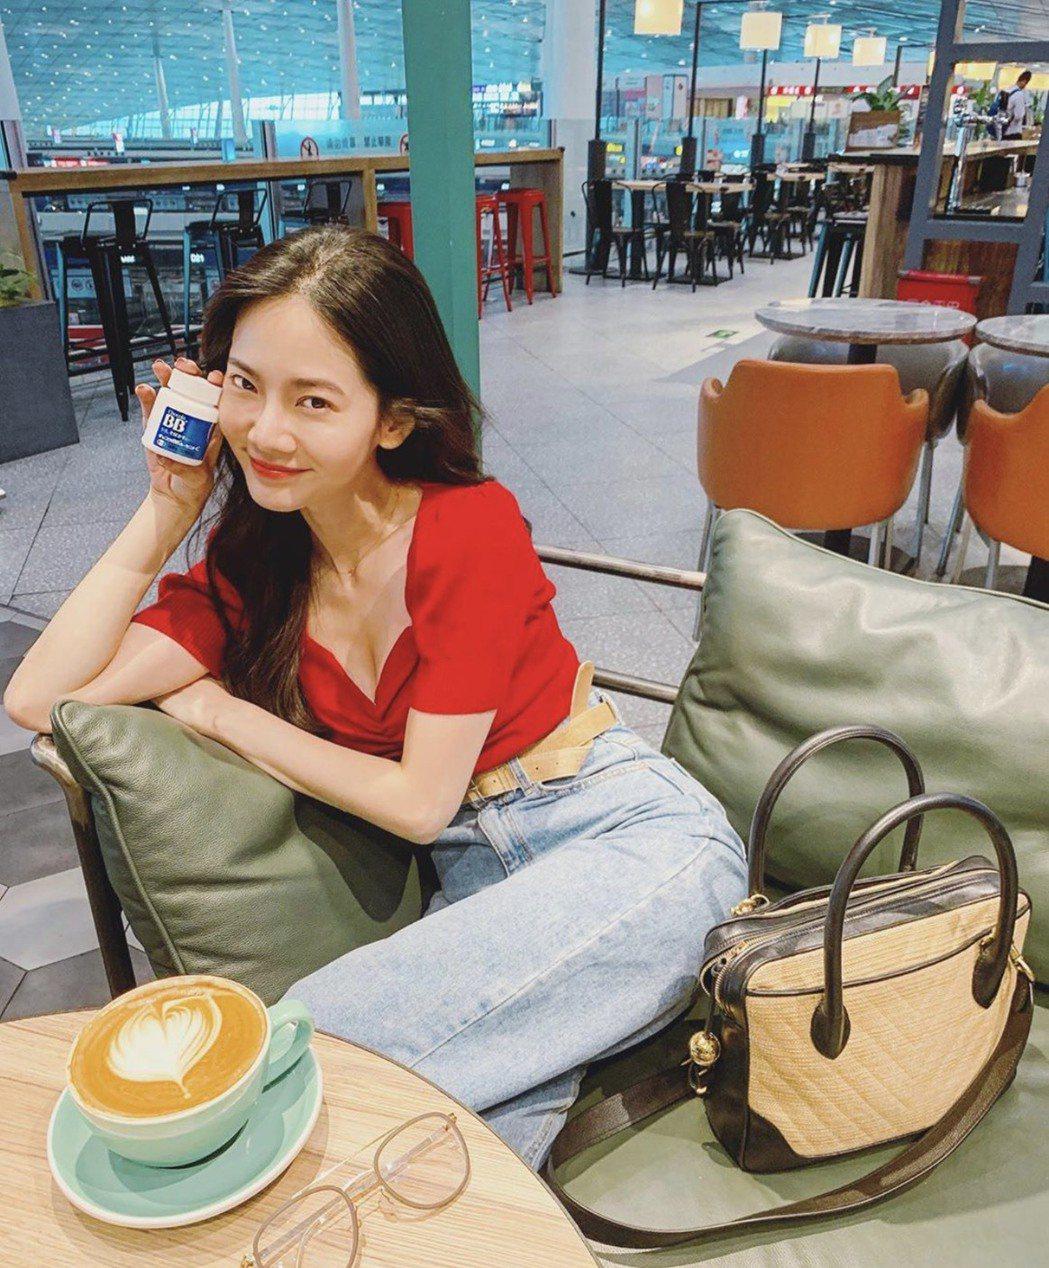 曾之喬曬出機場喝咖啡照,火辣短上衣超性感。圖/摘自IG